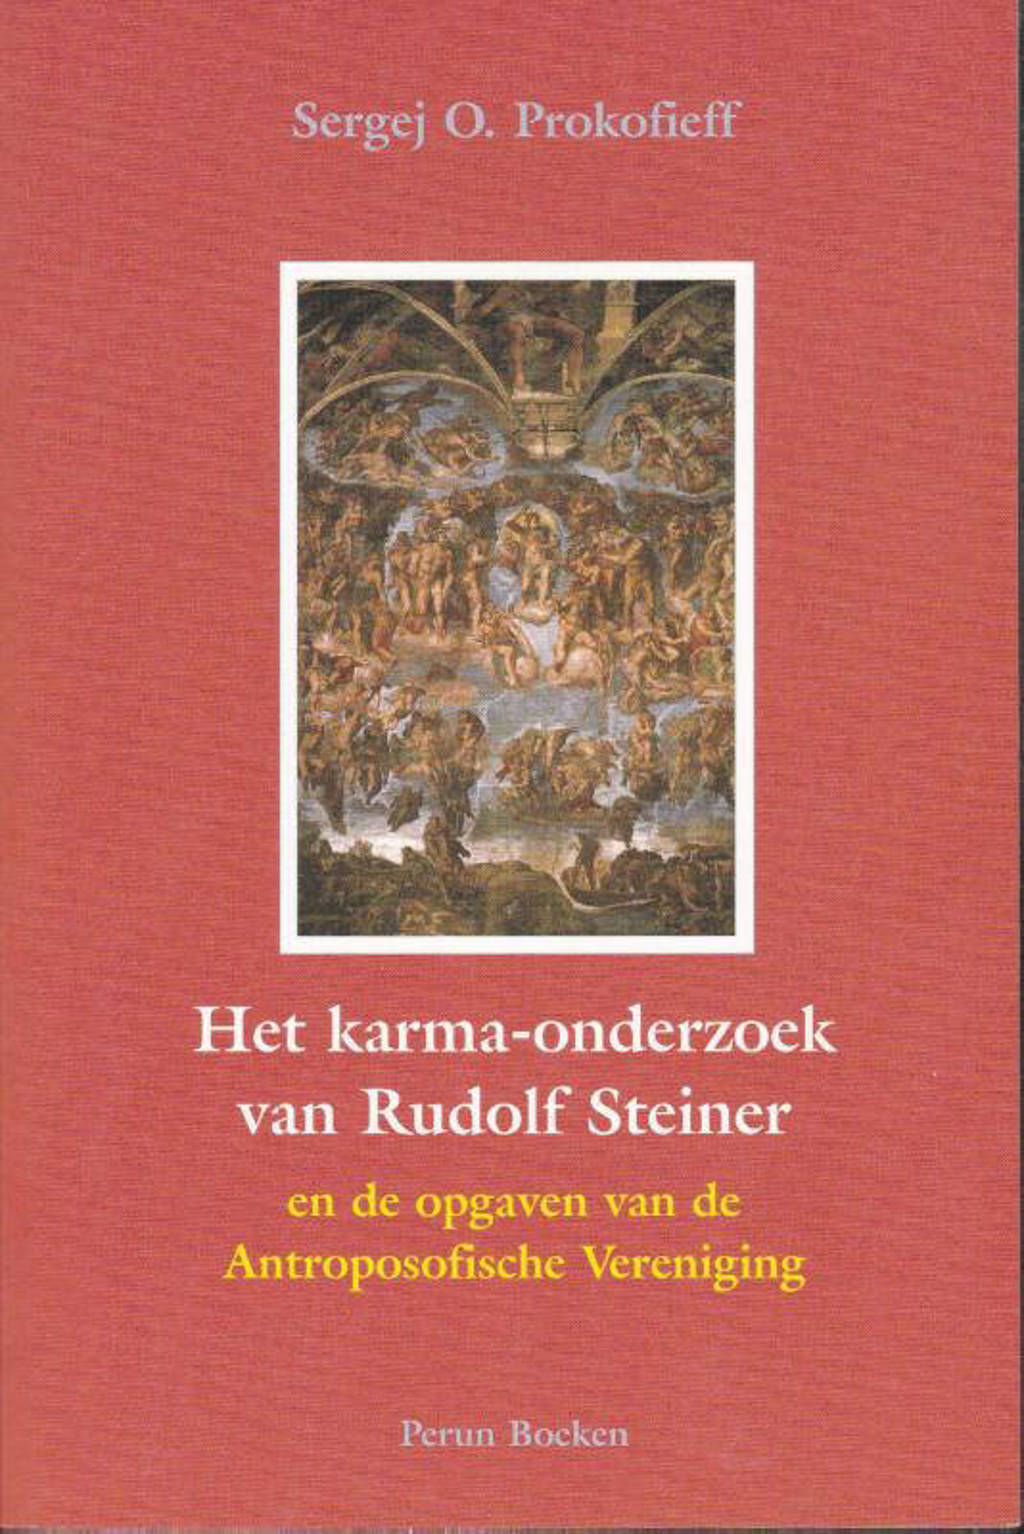 Het karma-onderzoek van Rudolf Steiner en de opgaven van de Antroposofische Vereniging - O. Prokofieff